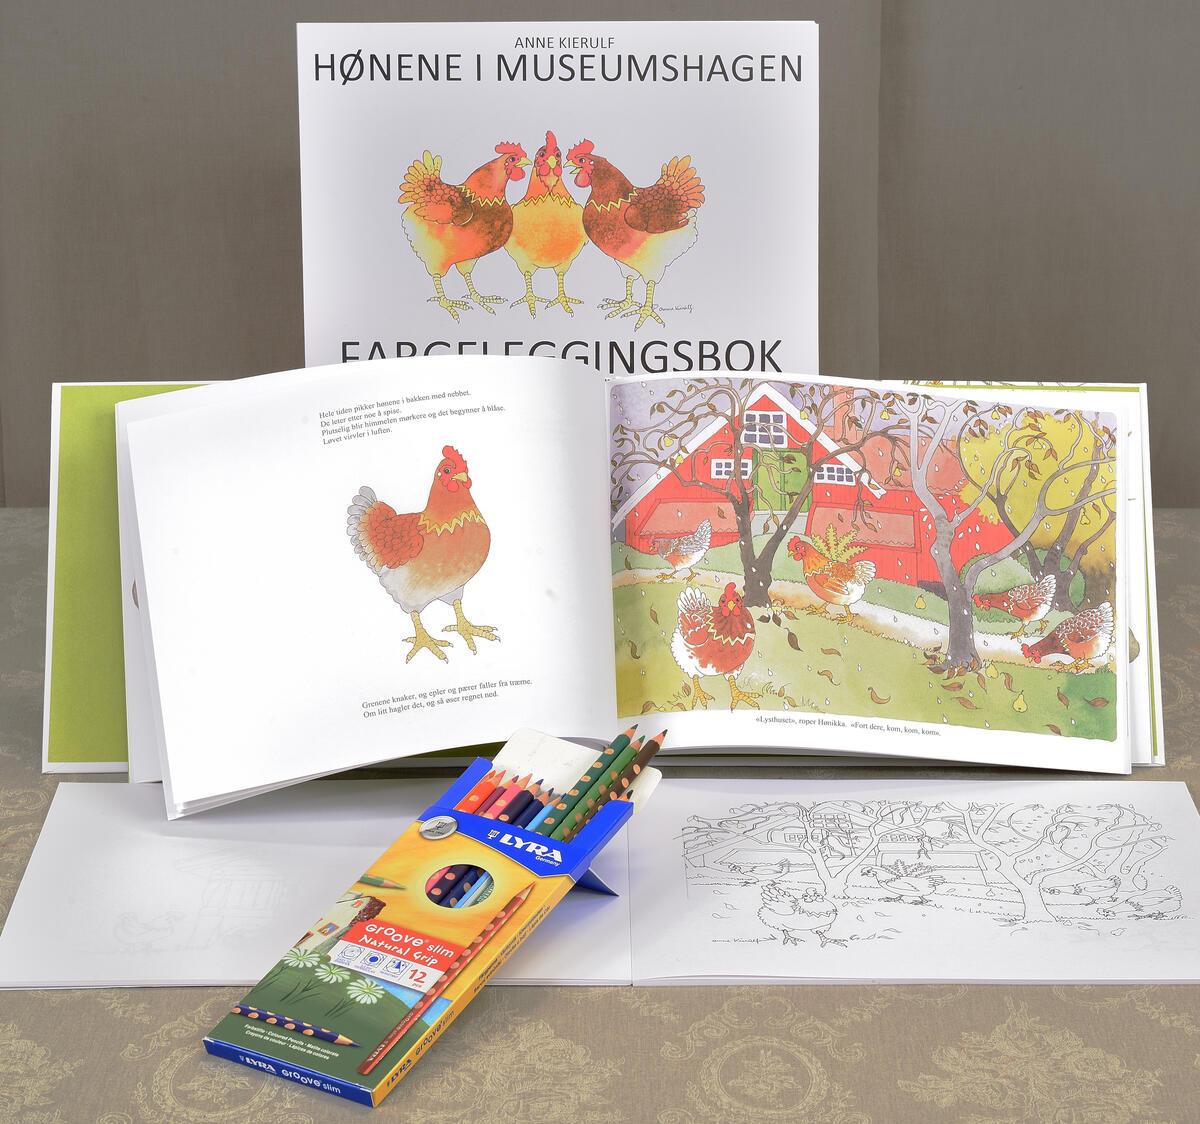 Anne Kierulfs vakre billedbok hvor hønene guider deg gjennom museumshagen kr. 200,- med tilhørende fargeleggingsbok kr. 100,- fargeblyanter fra Lyra kr. 129,- Kjøper du alle tre blir det kr. 300,- (Foto/Photo)